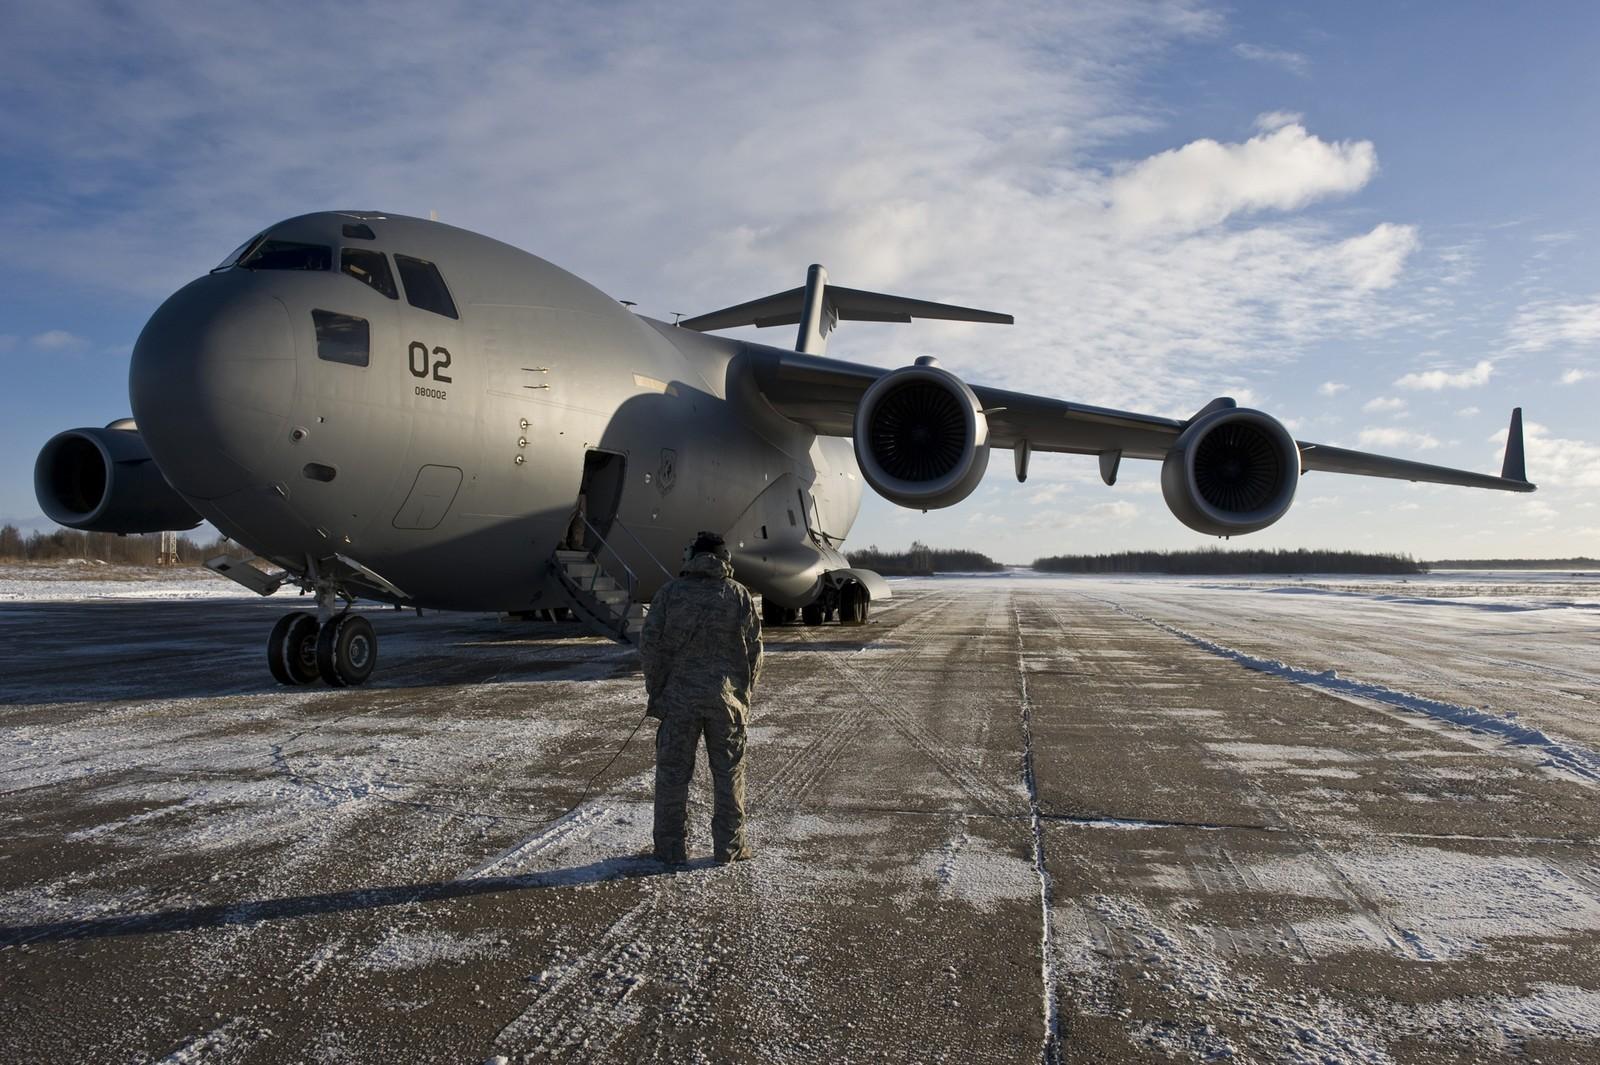 공중급유기 전력의 공동 이용을 추진 중인 NATO